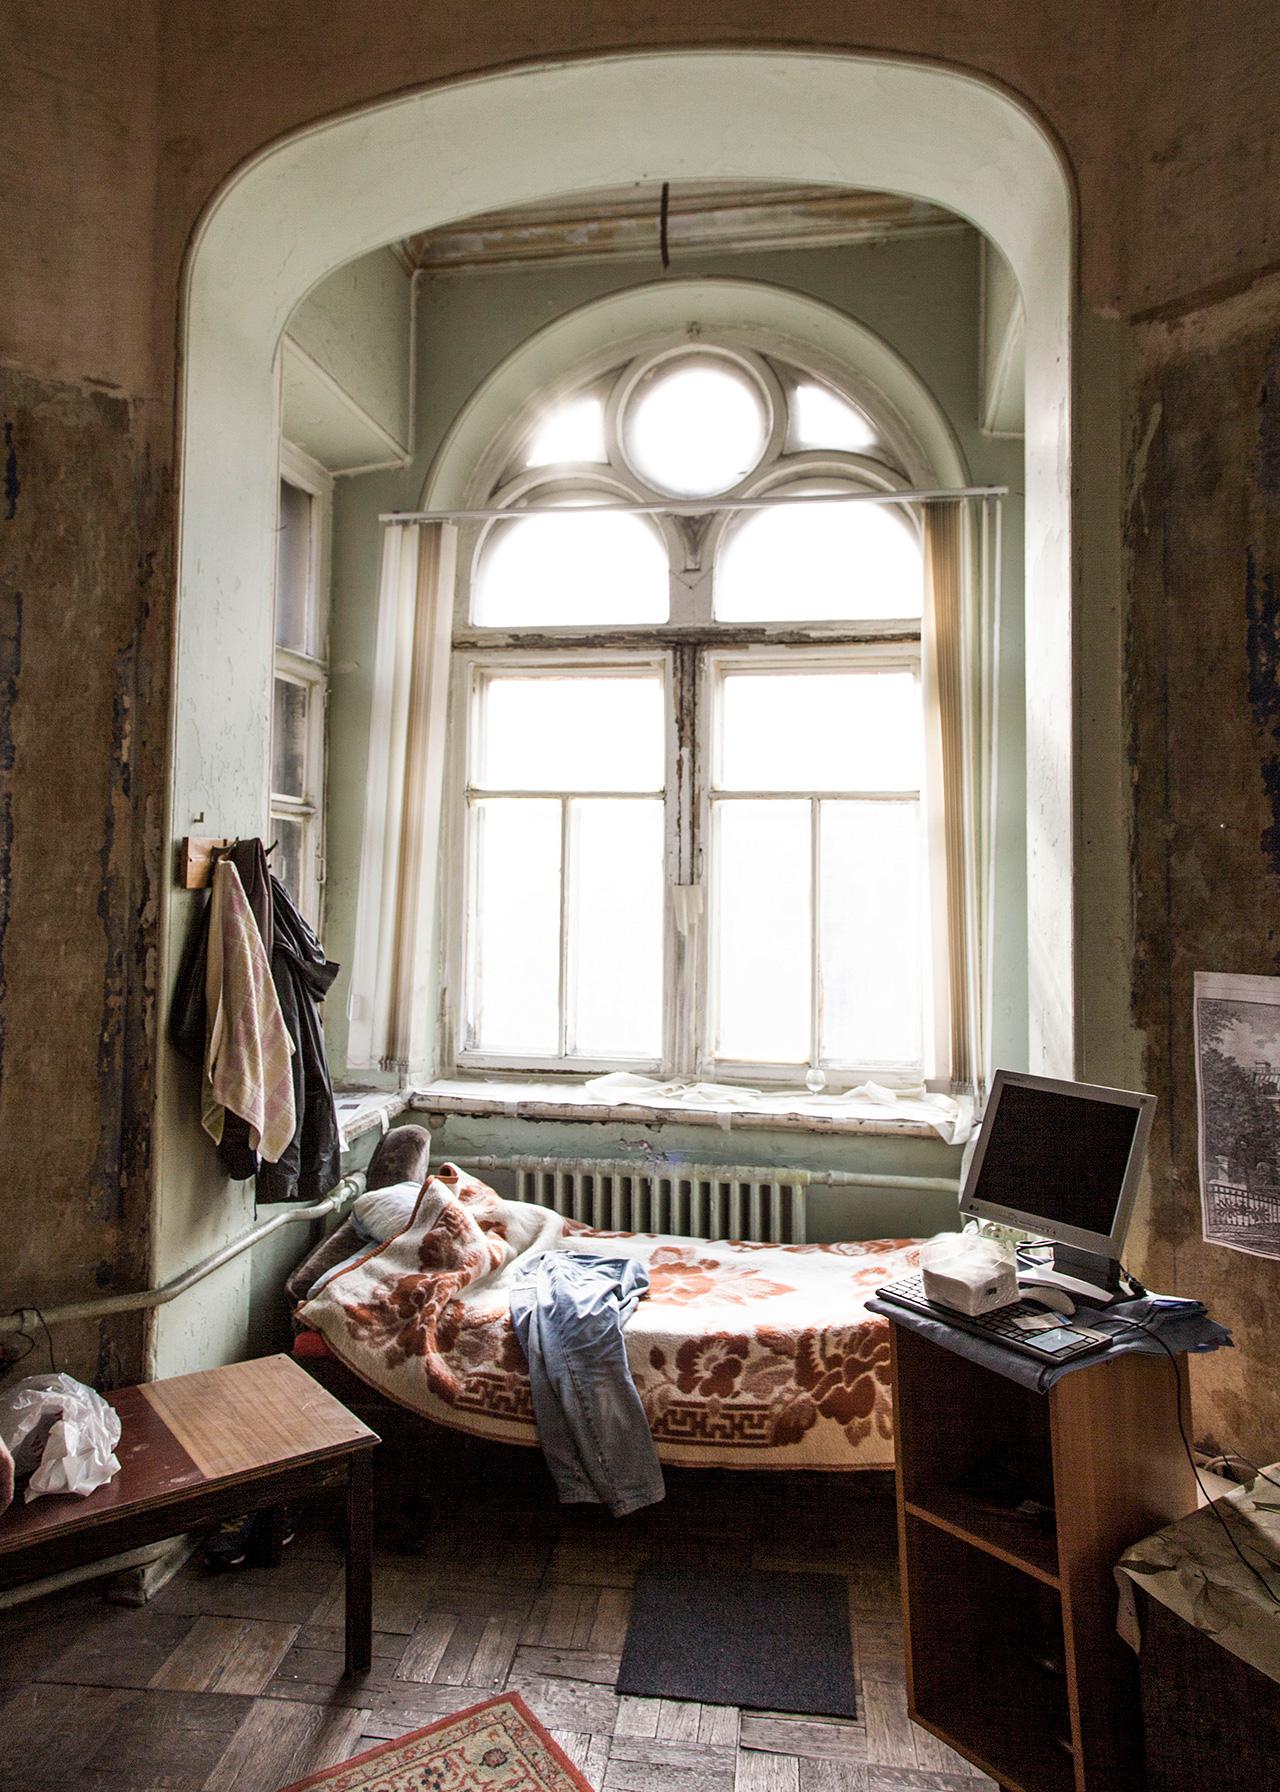 За самия основател на проекта Максим Космин интериорът на комуналните апартаменти е хоби. Като дете той живеел в покрайнините на Санкт Петербург в нормален апартамент, но се мести в старо жилище преди няколко години, защото иска да живее в историческа сграда с високи тавани.